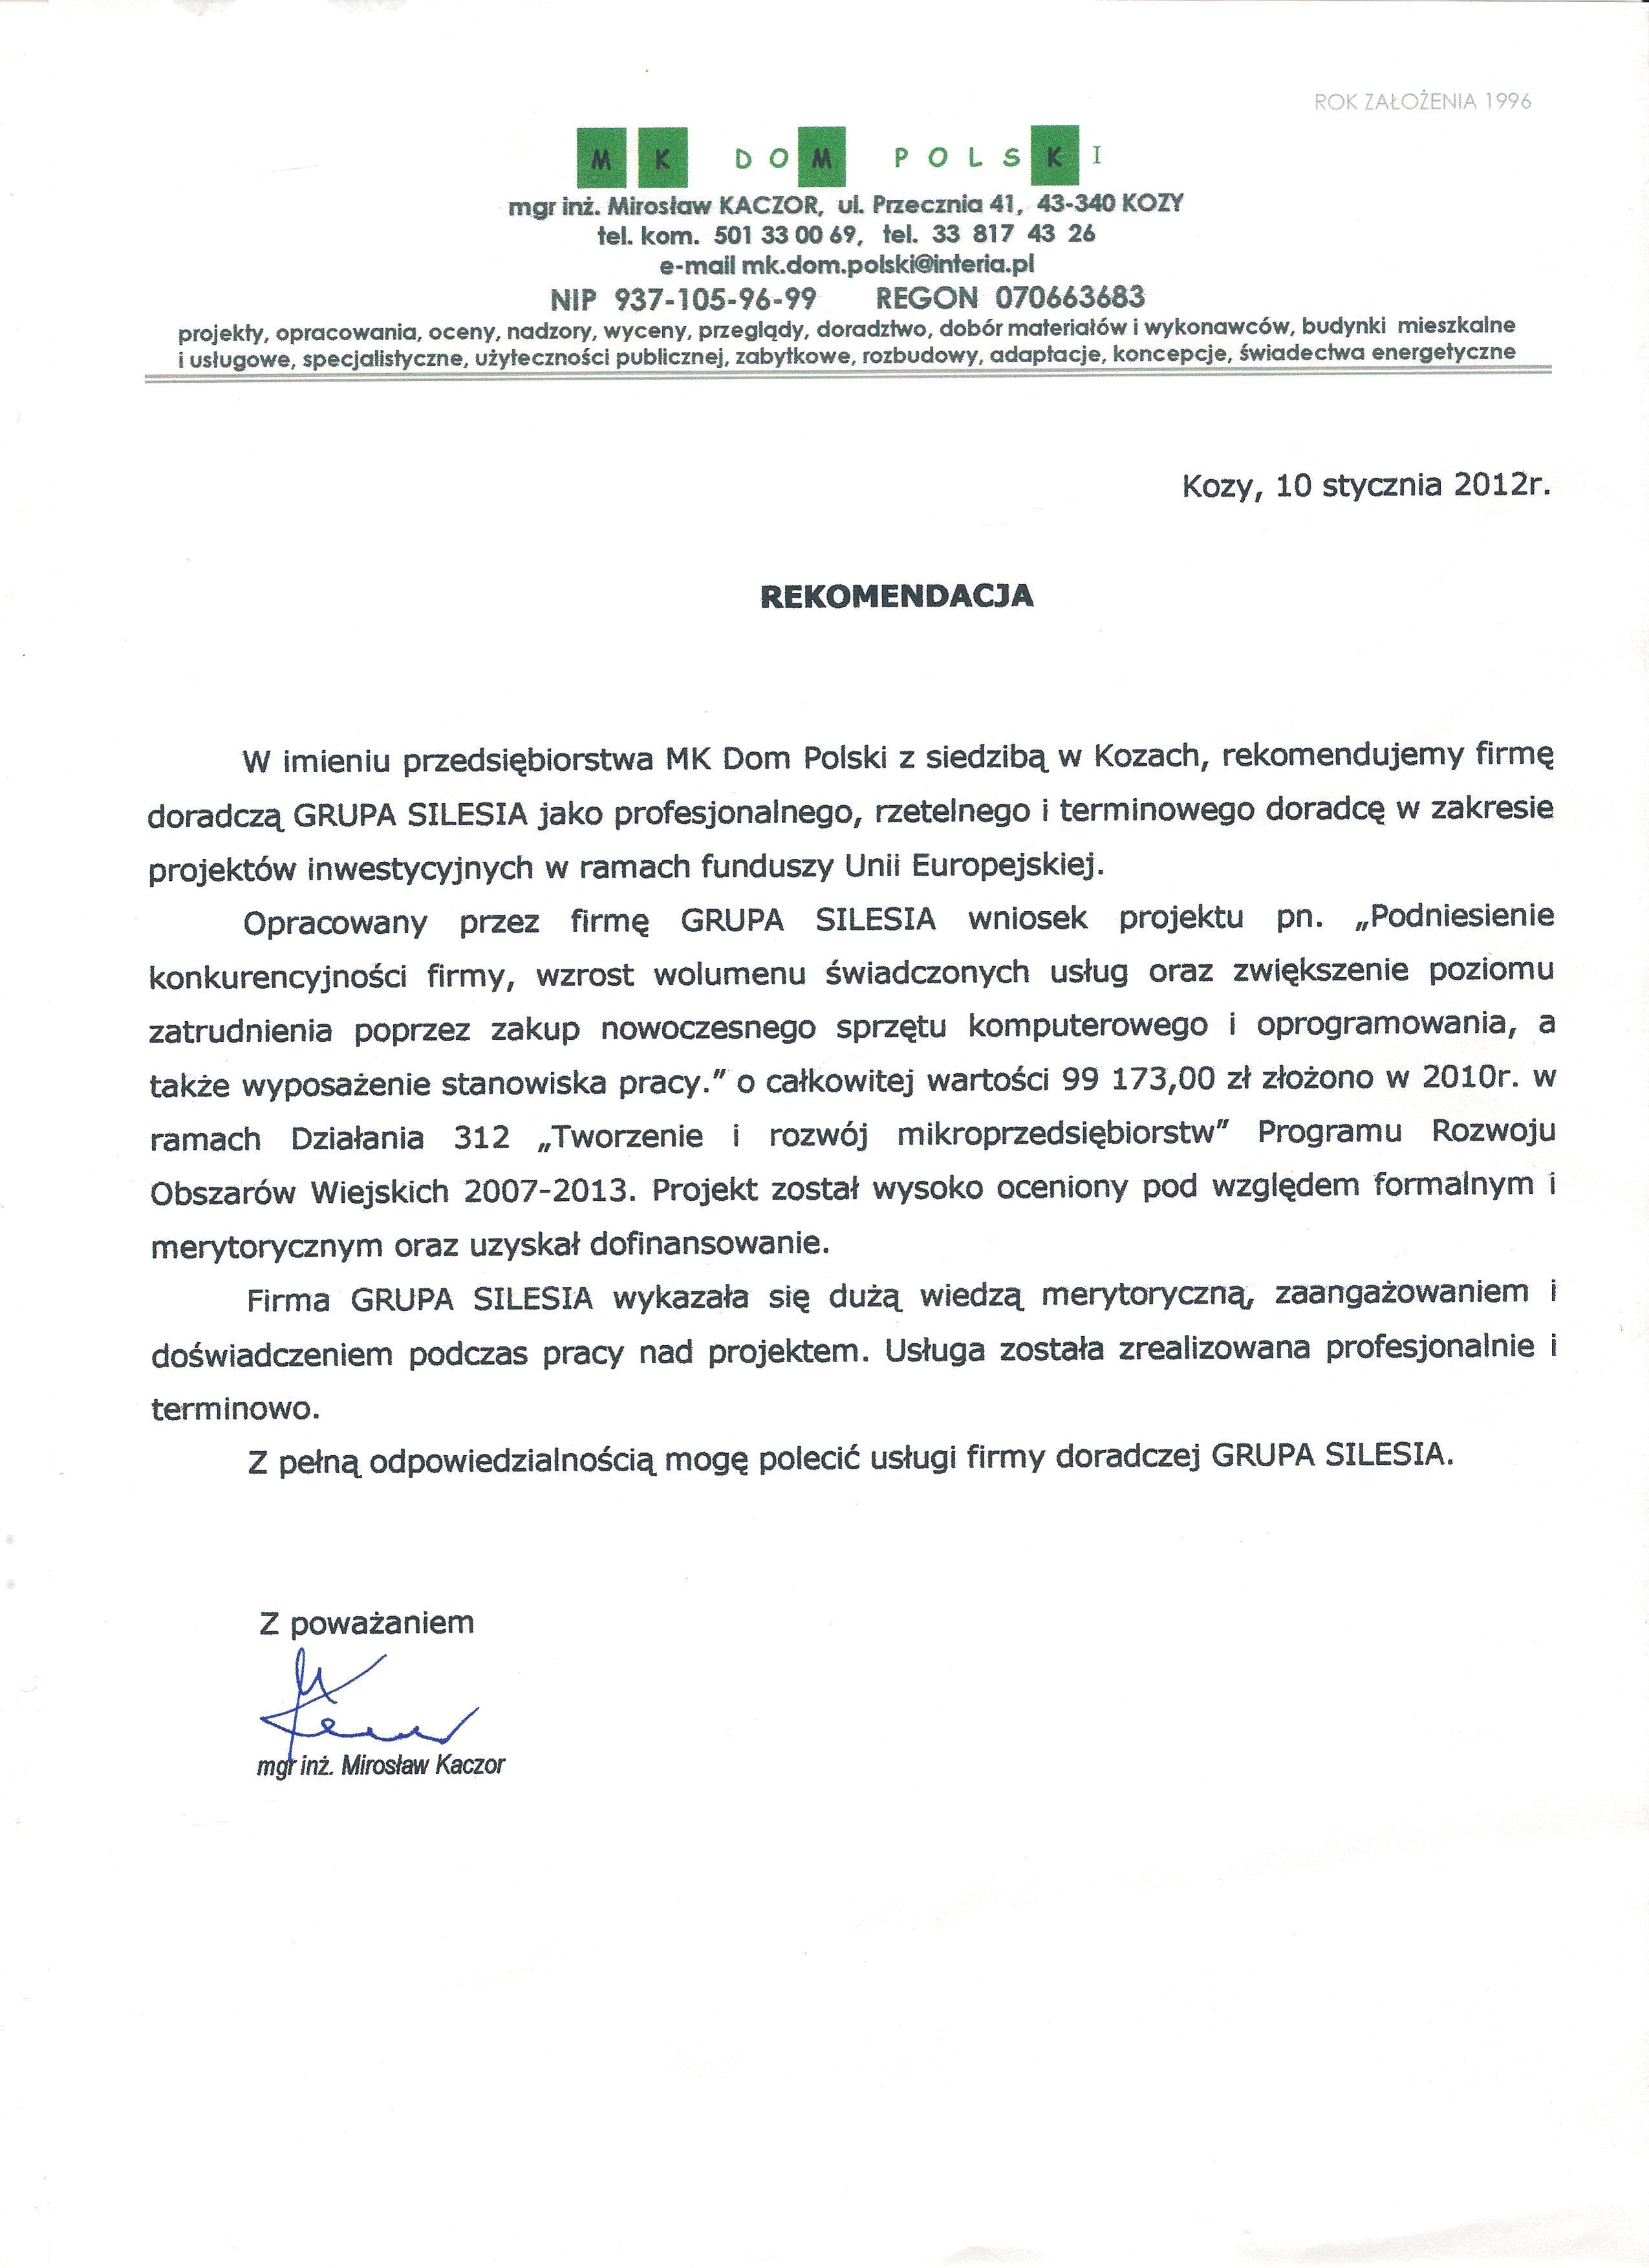 MK Dom Polski